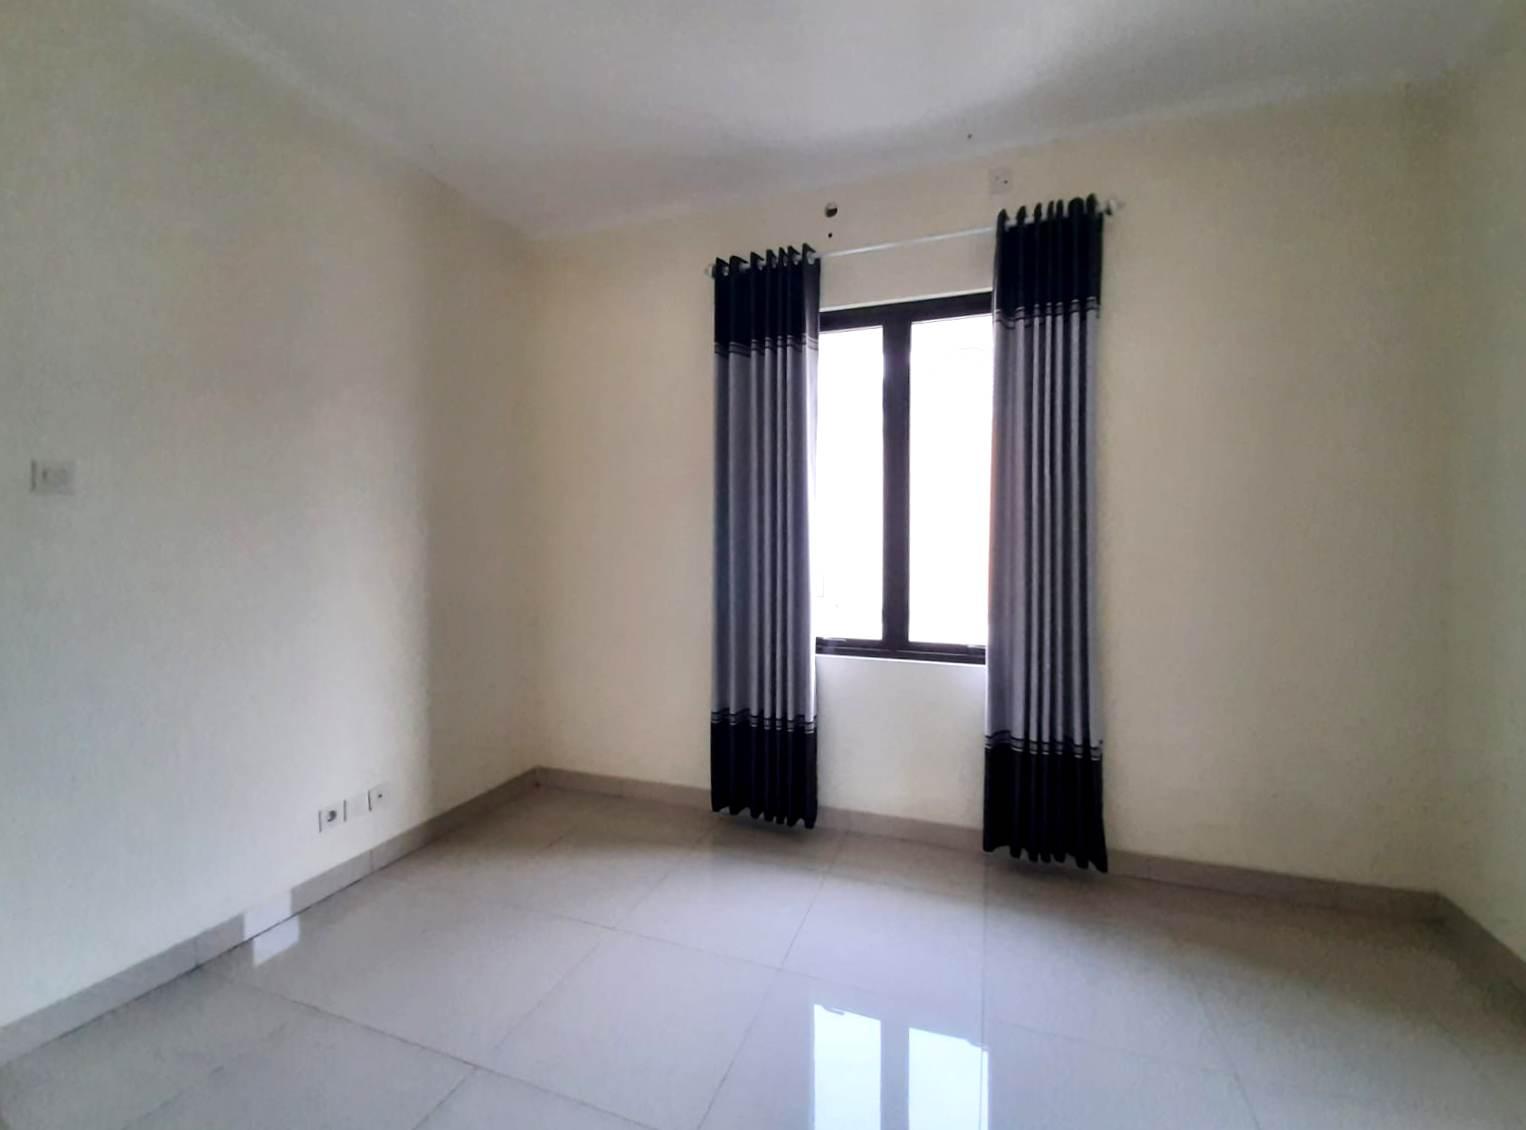 Rumah Siap Huni Cluster Arana Kota Harapan Indah Bekasi - 5